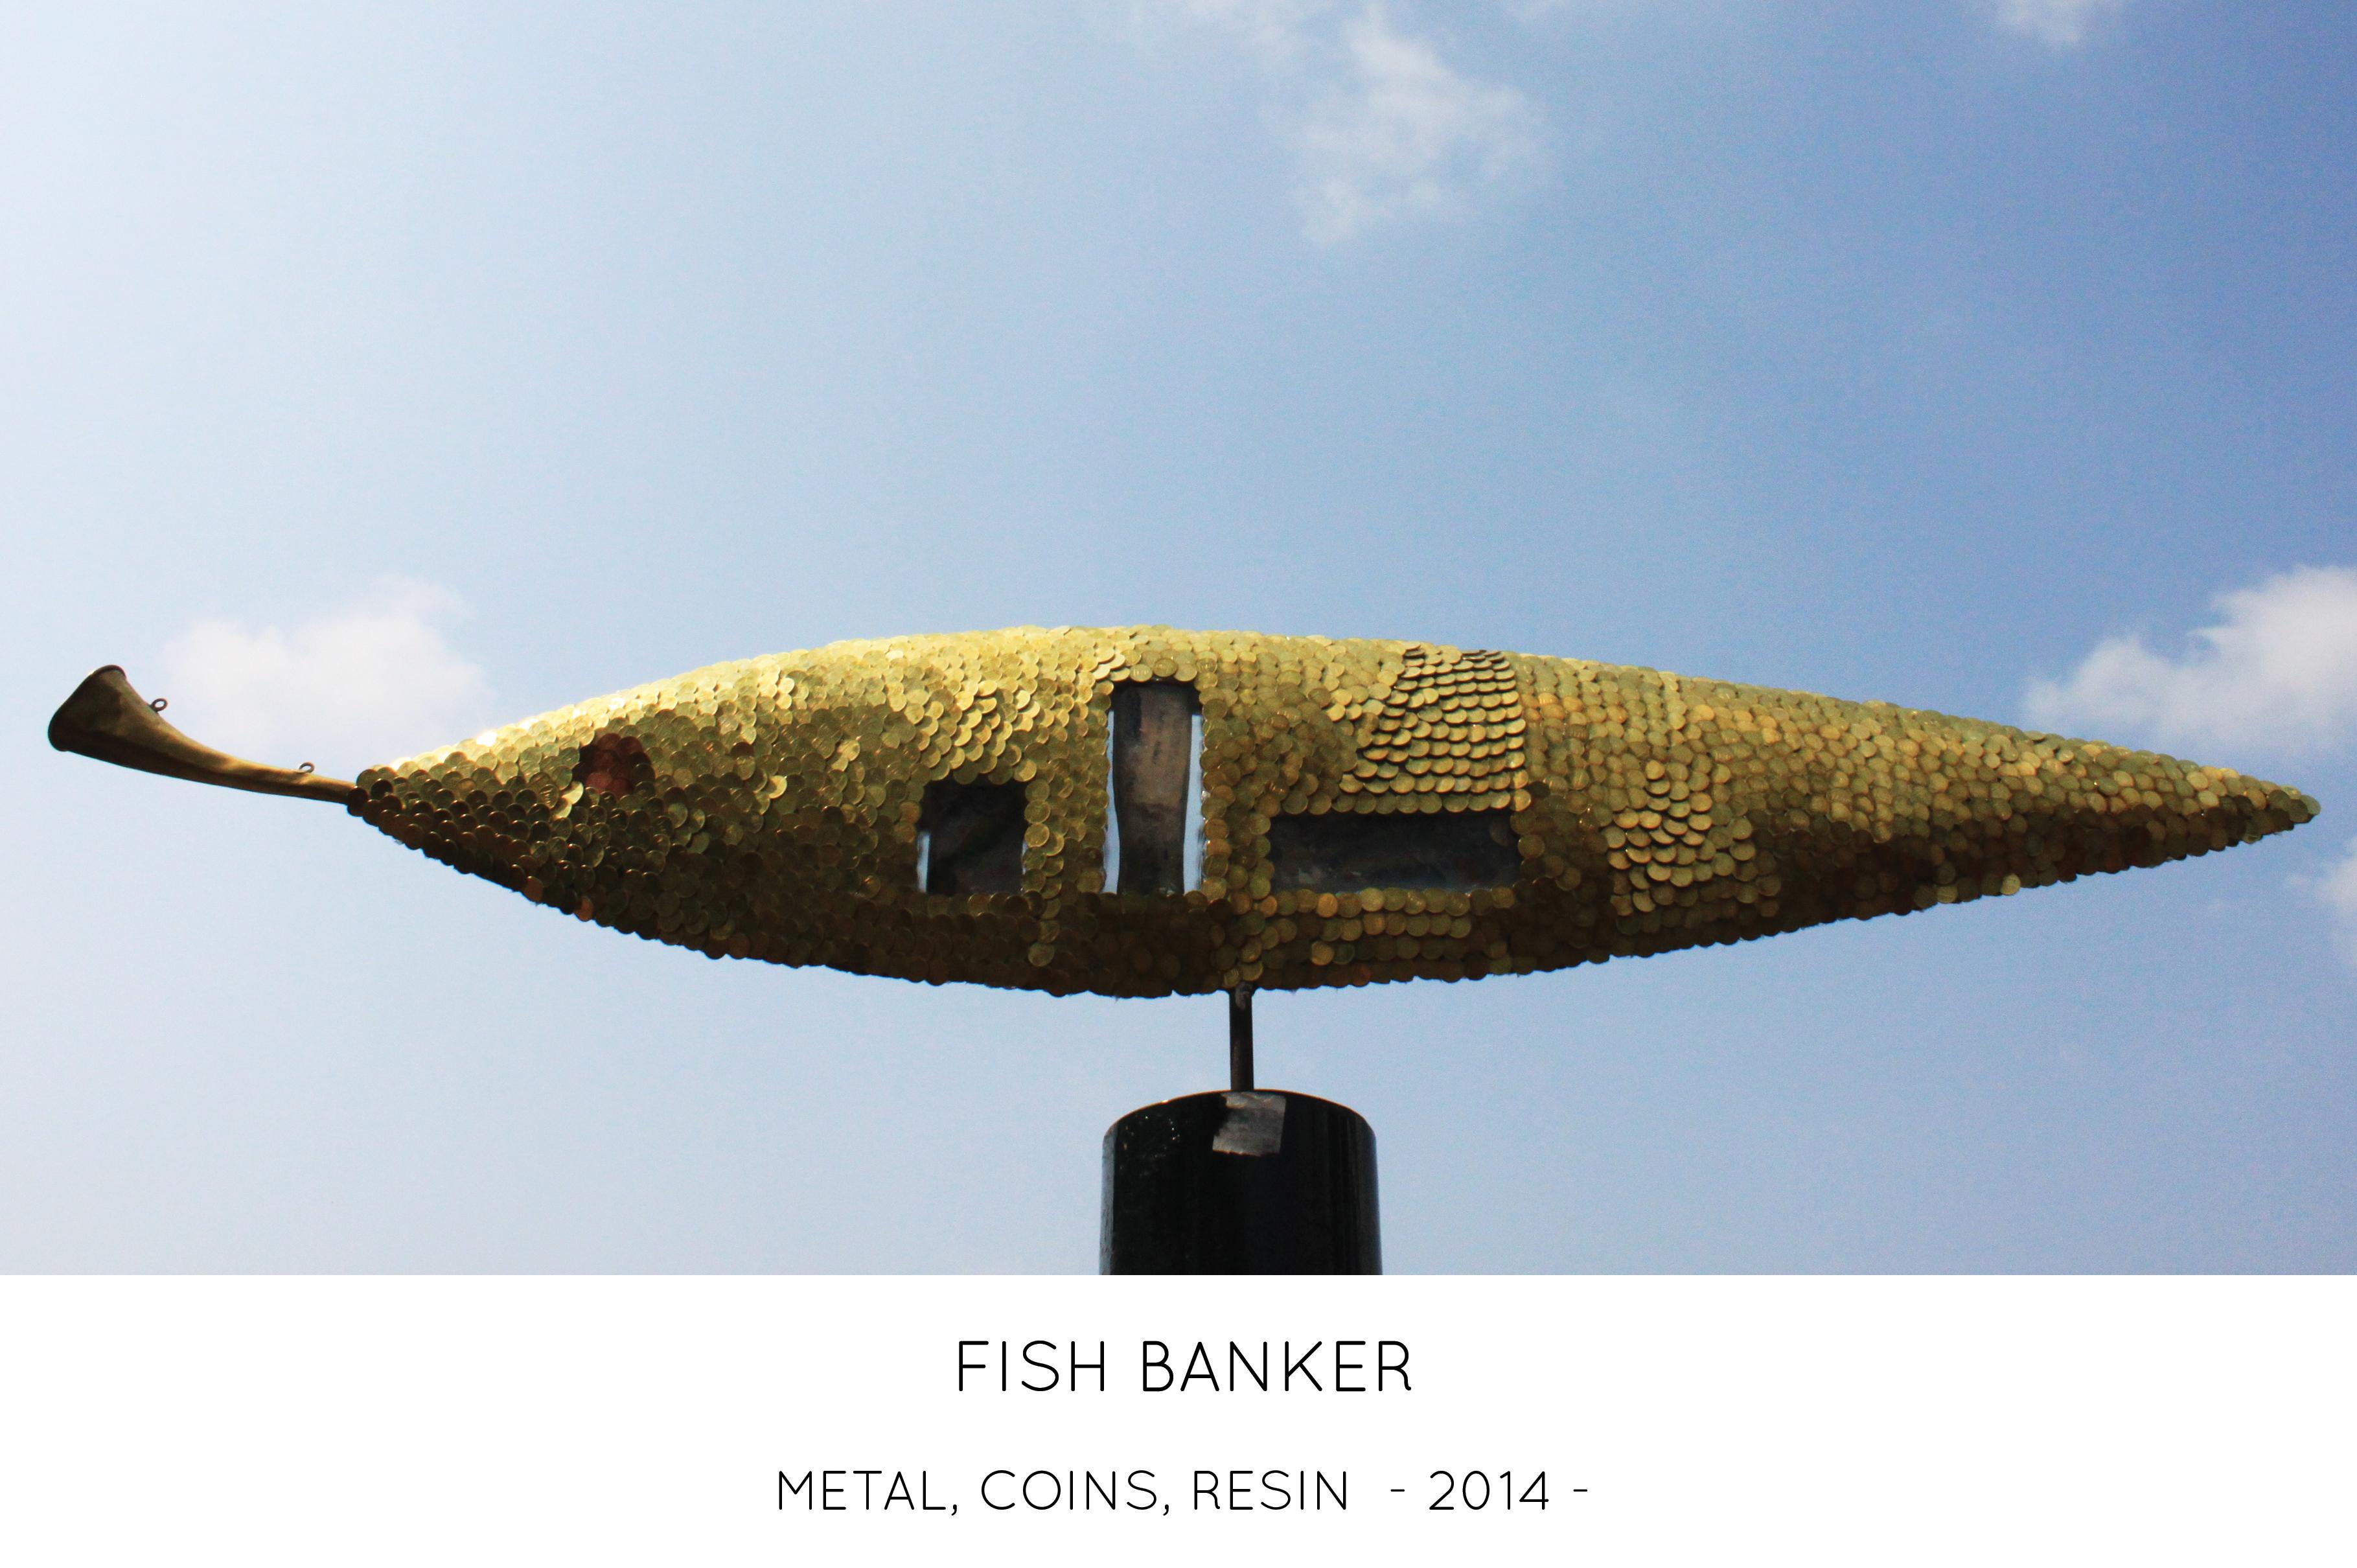 FISH BANKER